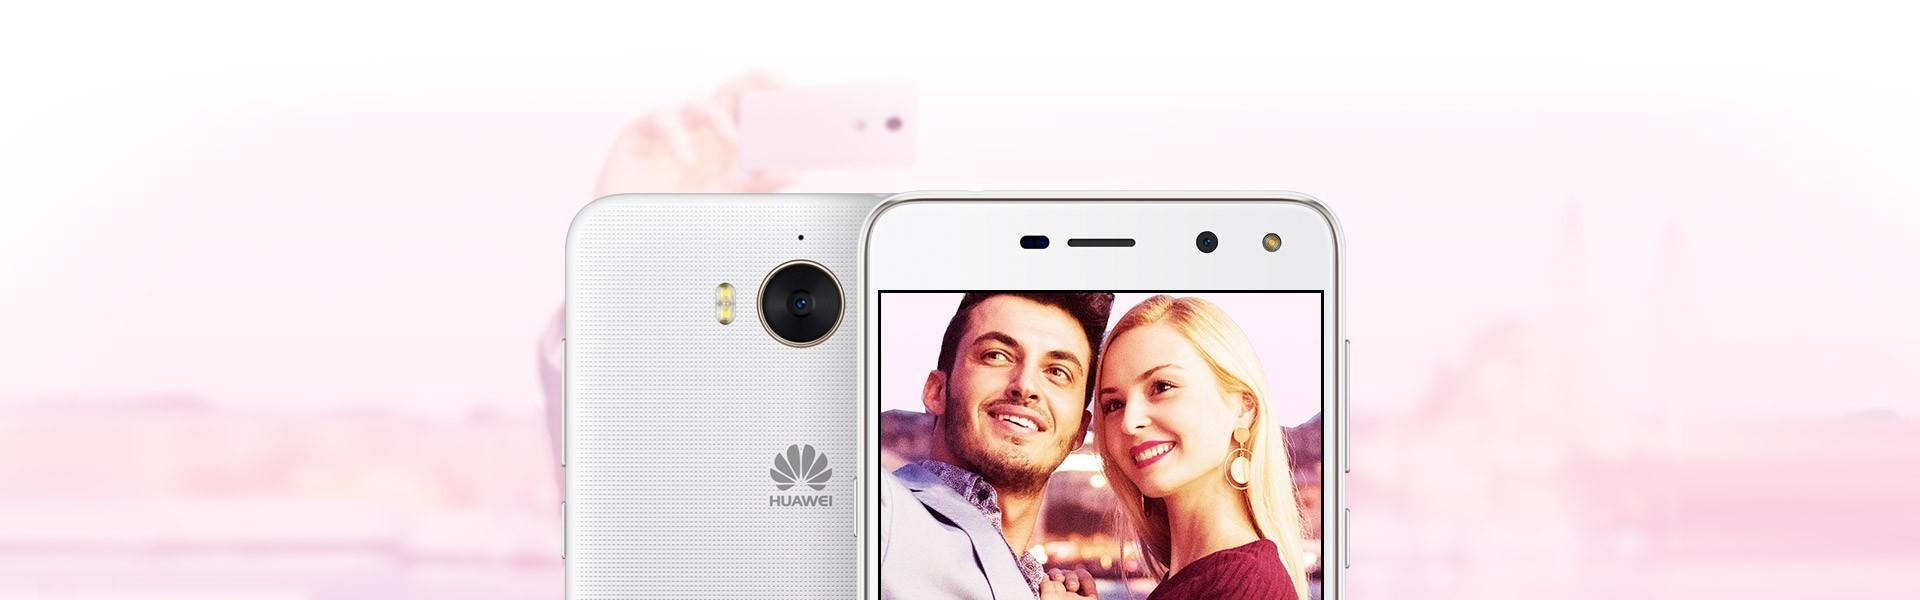 Huawei Y6 2017 ufficiale: caratteristiche, immagini e dettagli